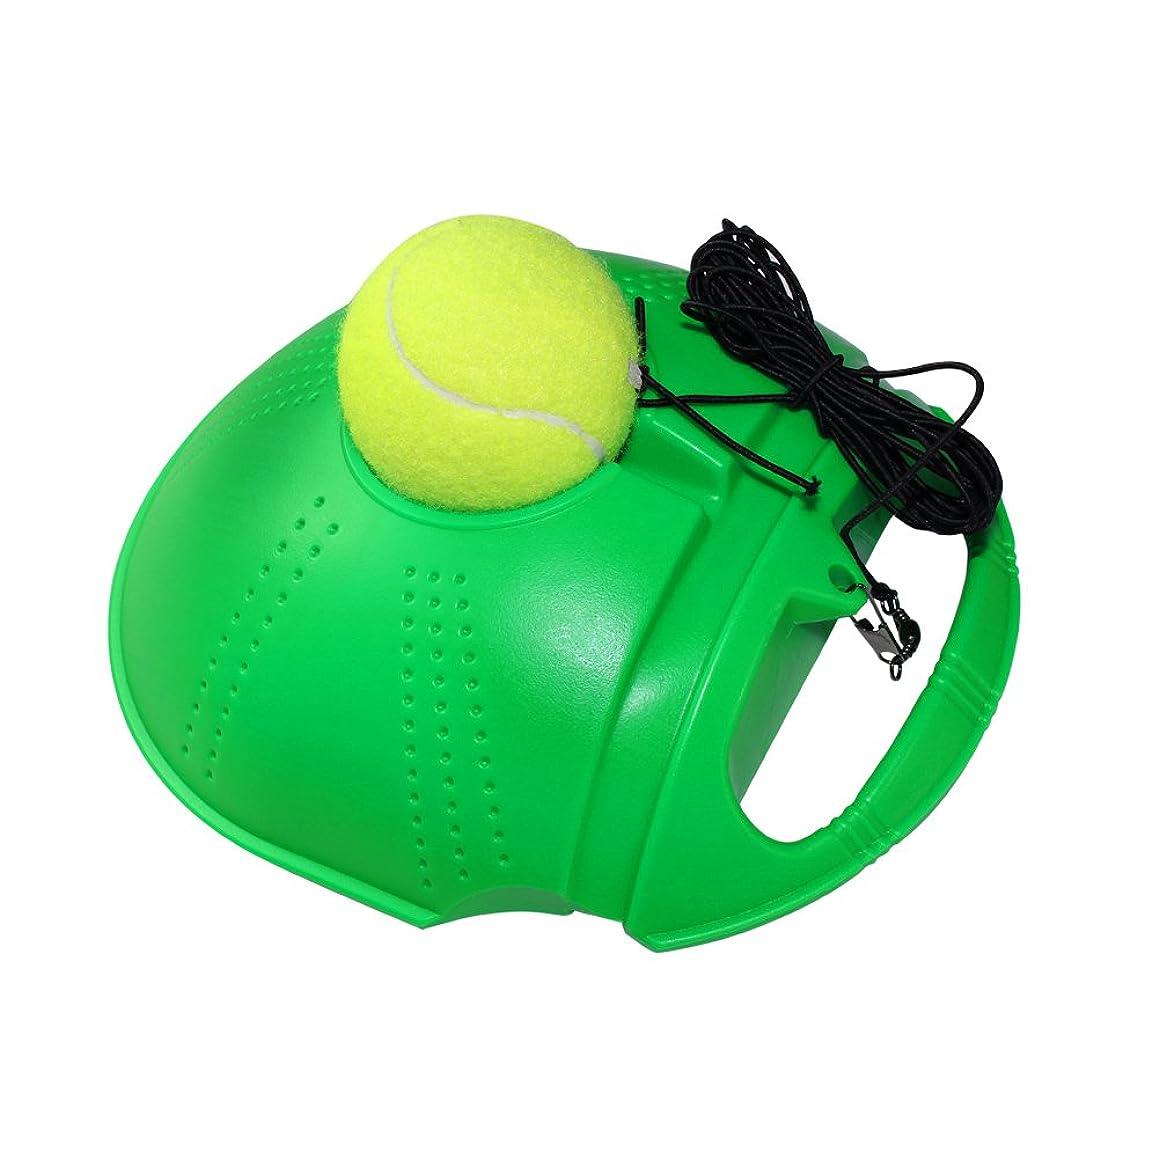 FANGCAN Single Practice Disk Tennis Trainer Set (Green)